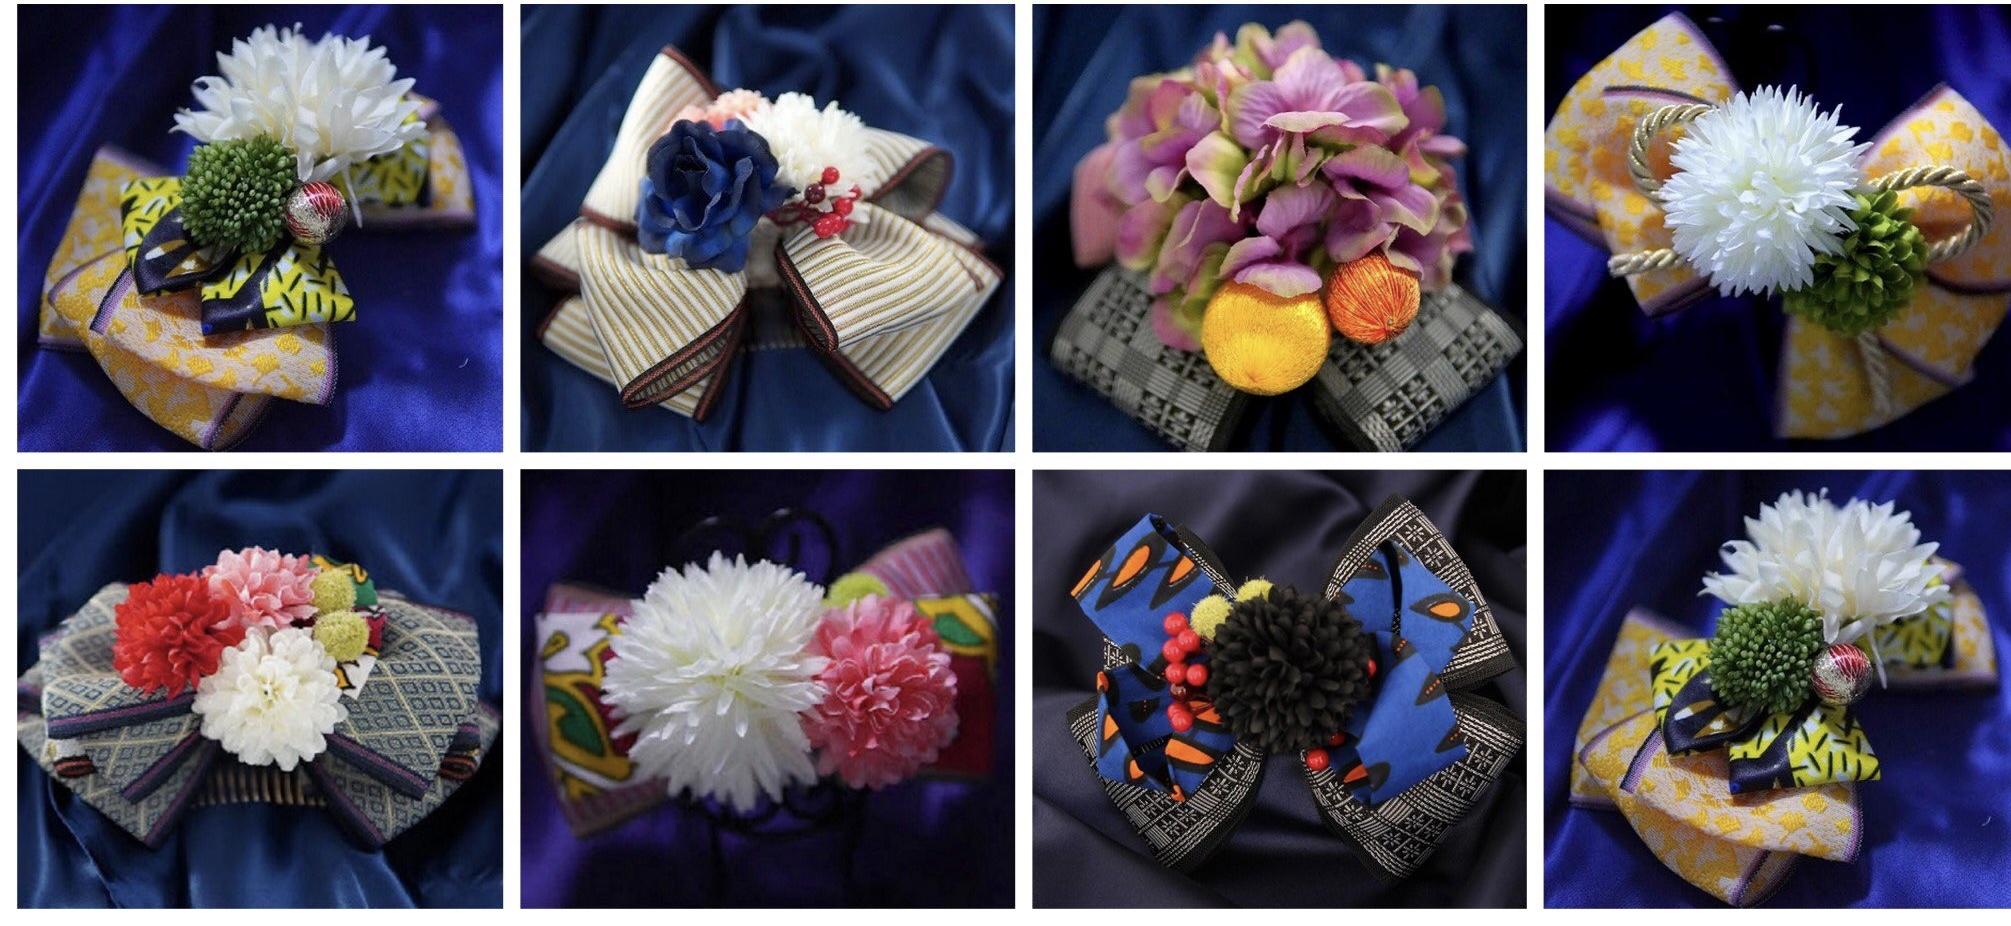 【横浜高島屋にて期間限定ショップ!】 畳べり×アフリカ布の新感覚和装アクセサリーAnkoromam ribbon